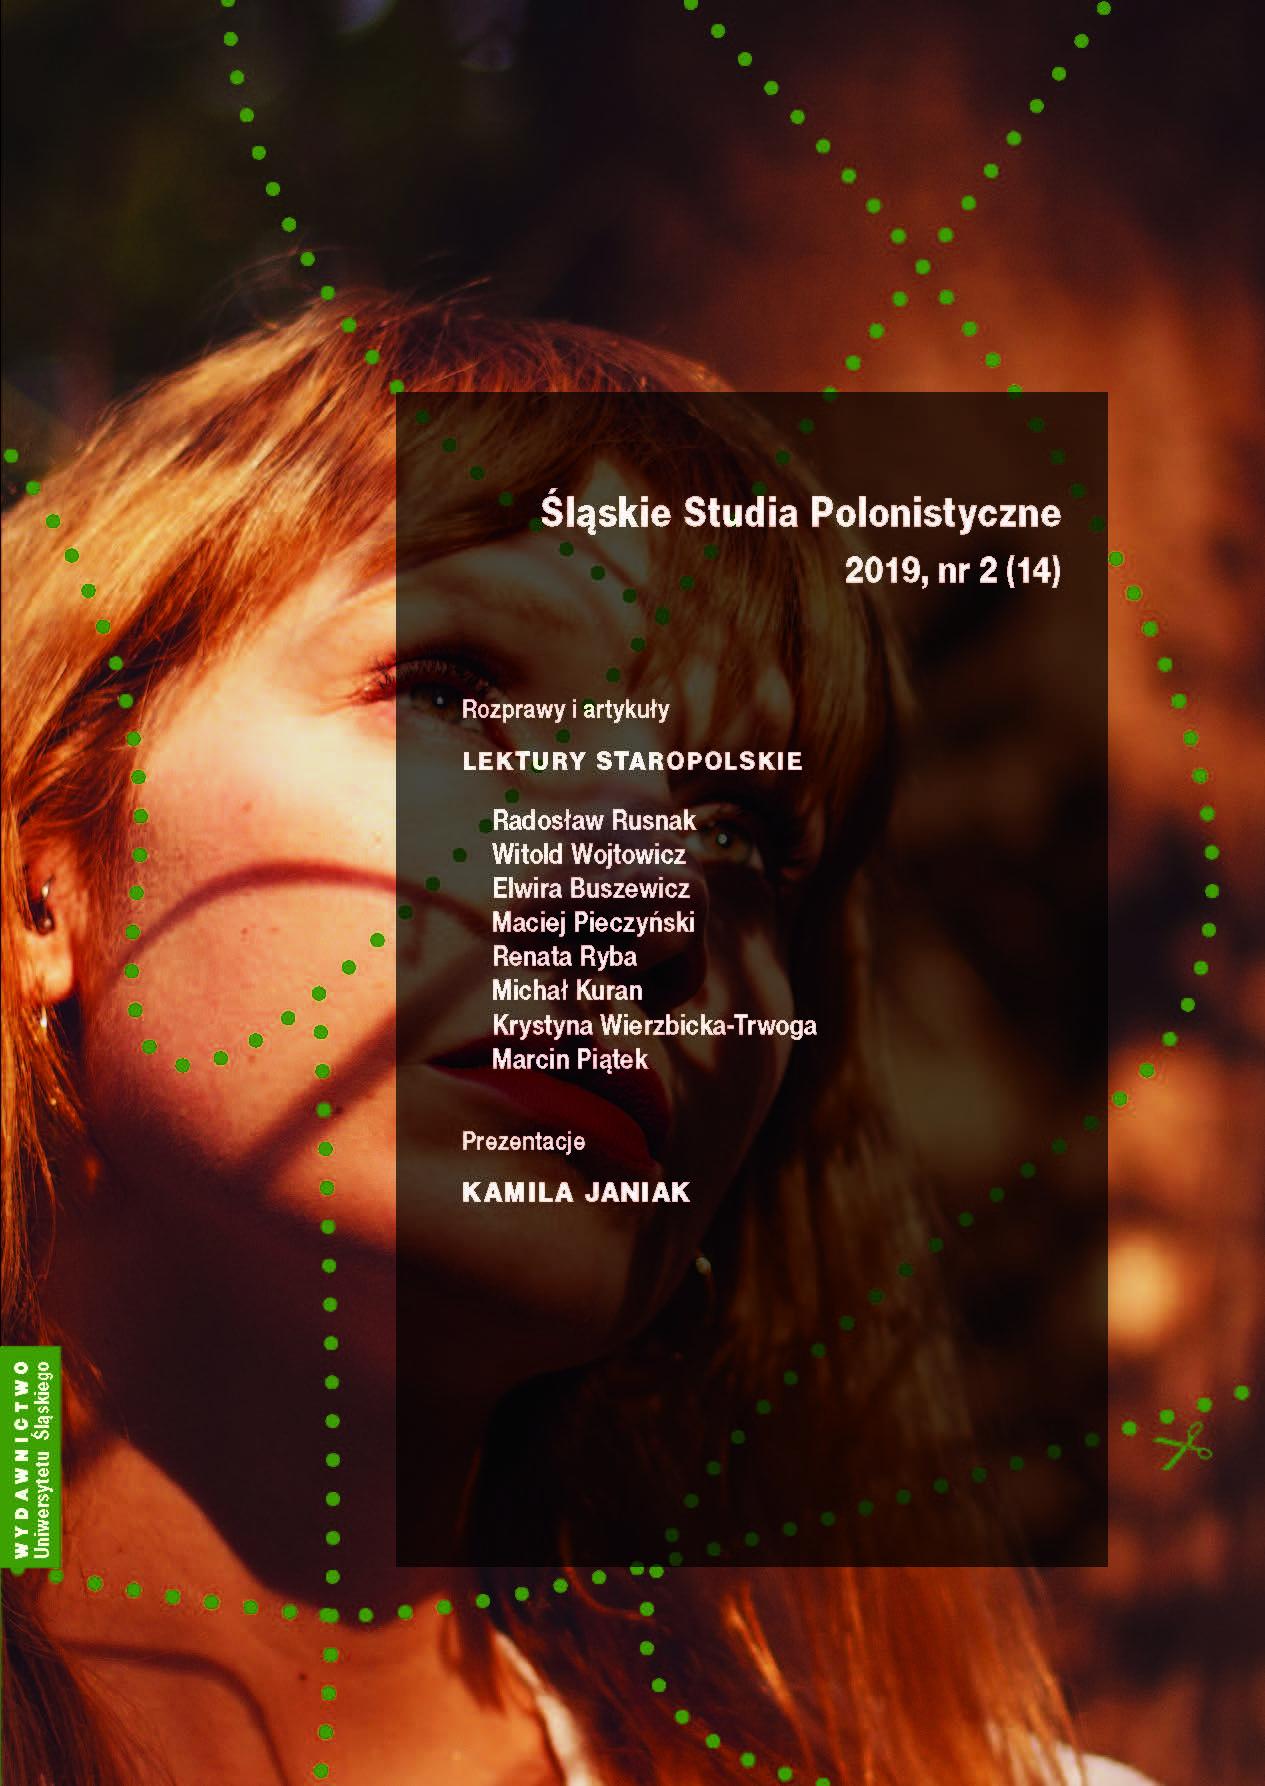 okładka Śląskie Studia Polonistyczne 2019, nr 2 (14)